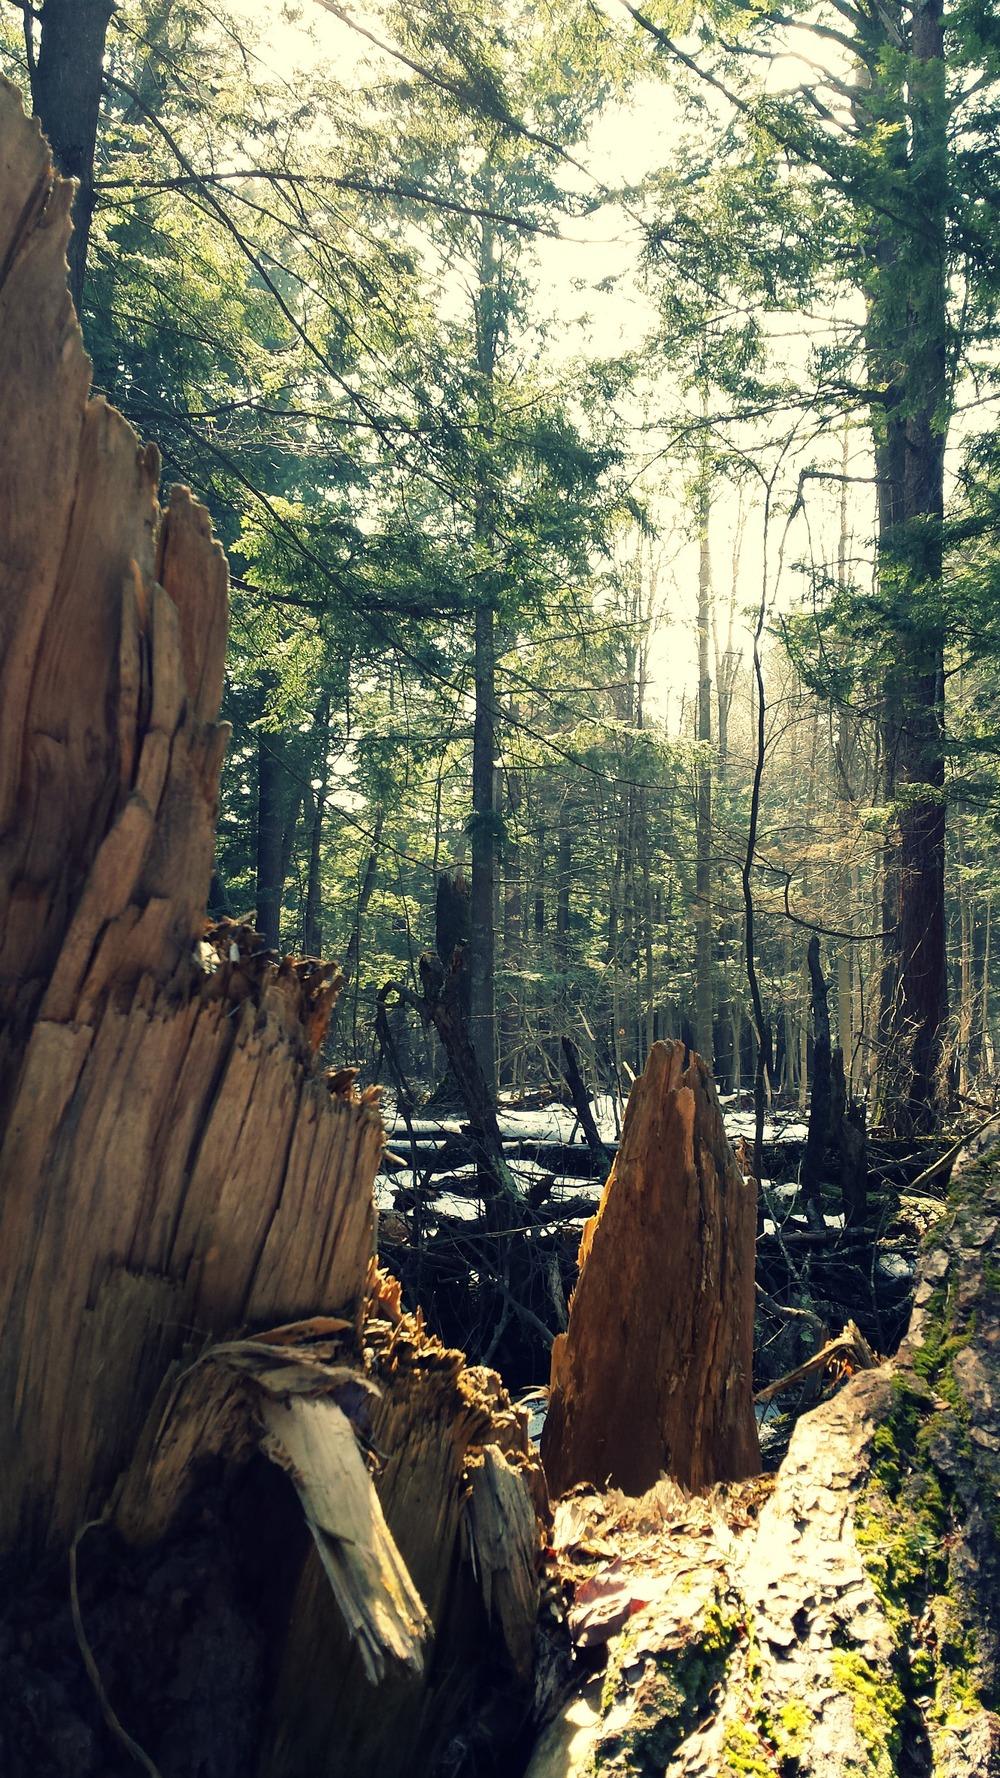 broken-tree-michigan-forest.jpg